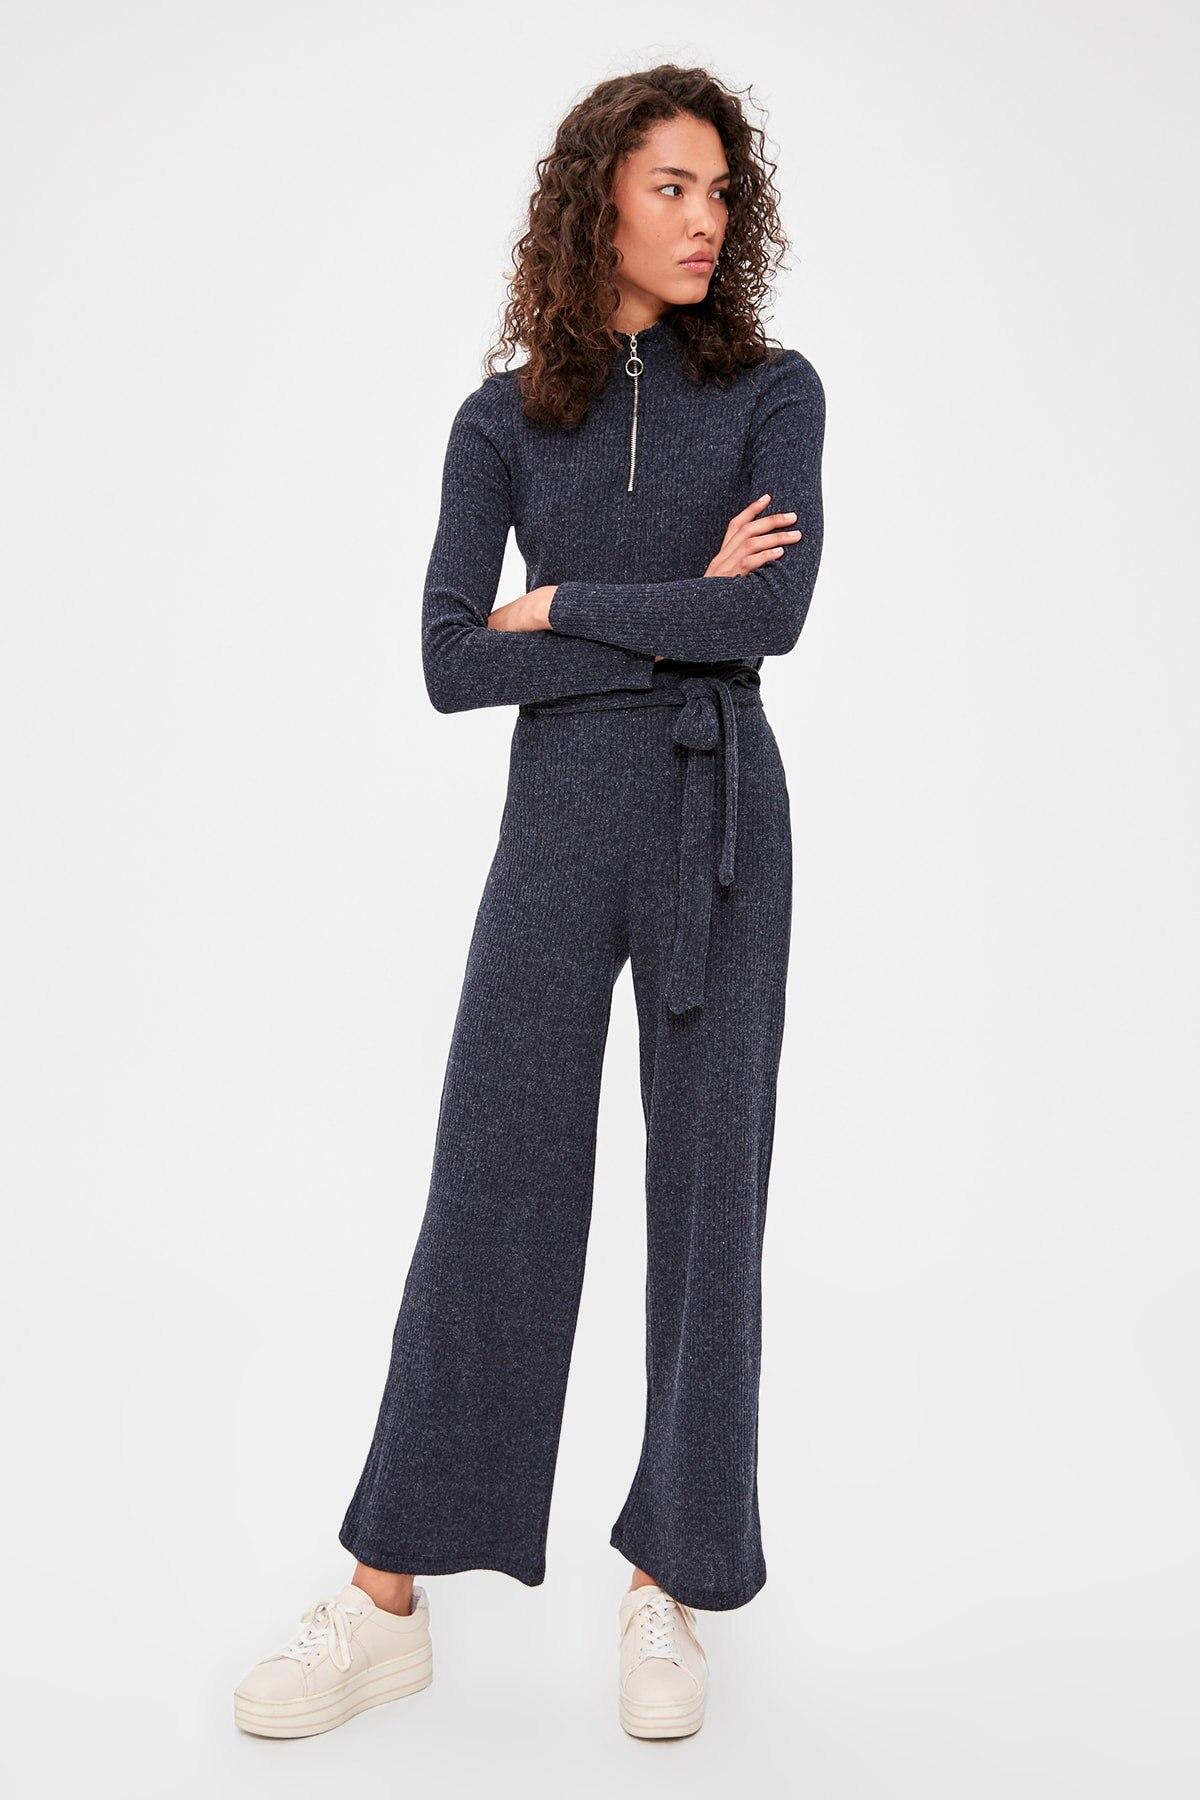 Trendyol Ribbed Knit Pants TWOAW20PL0254